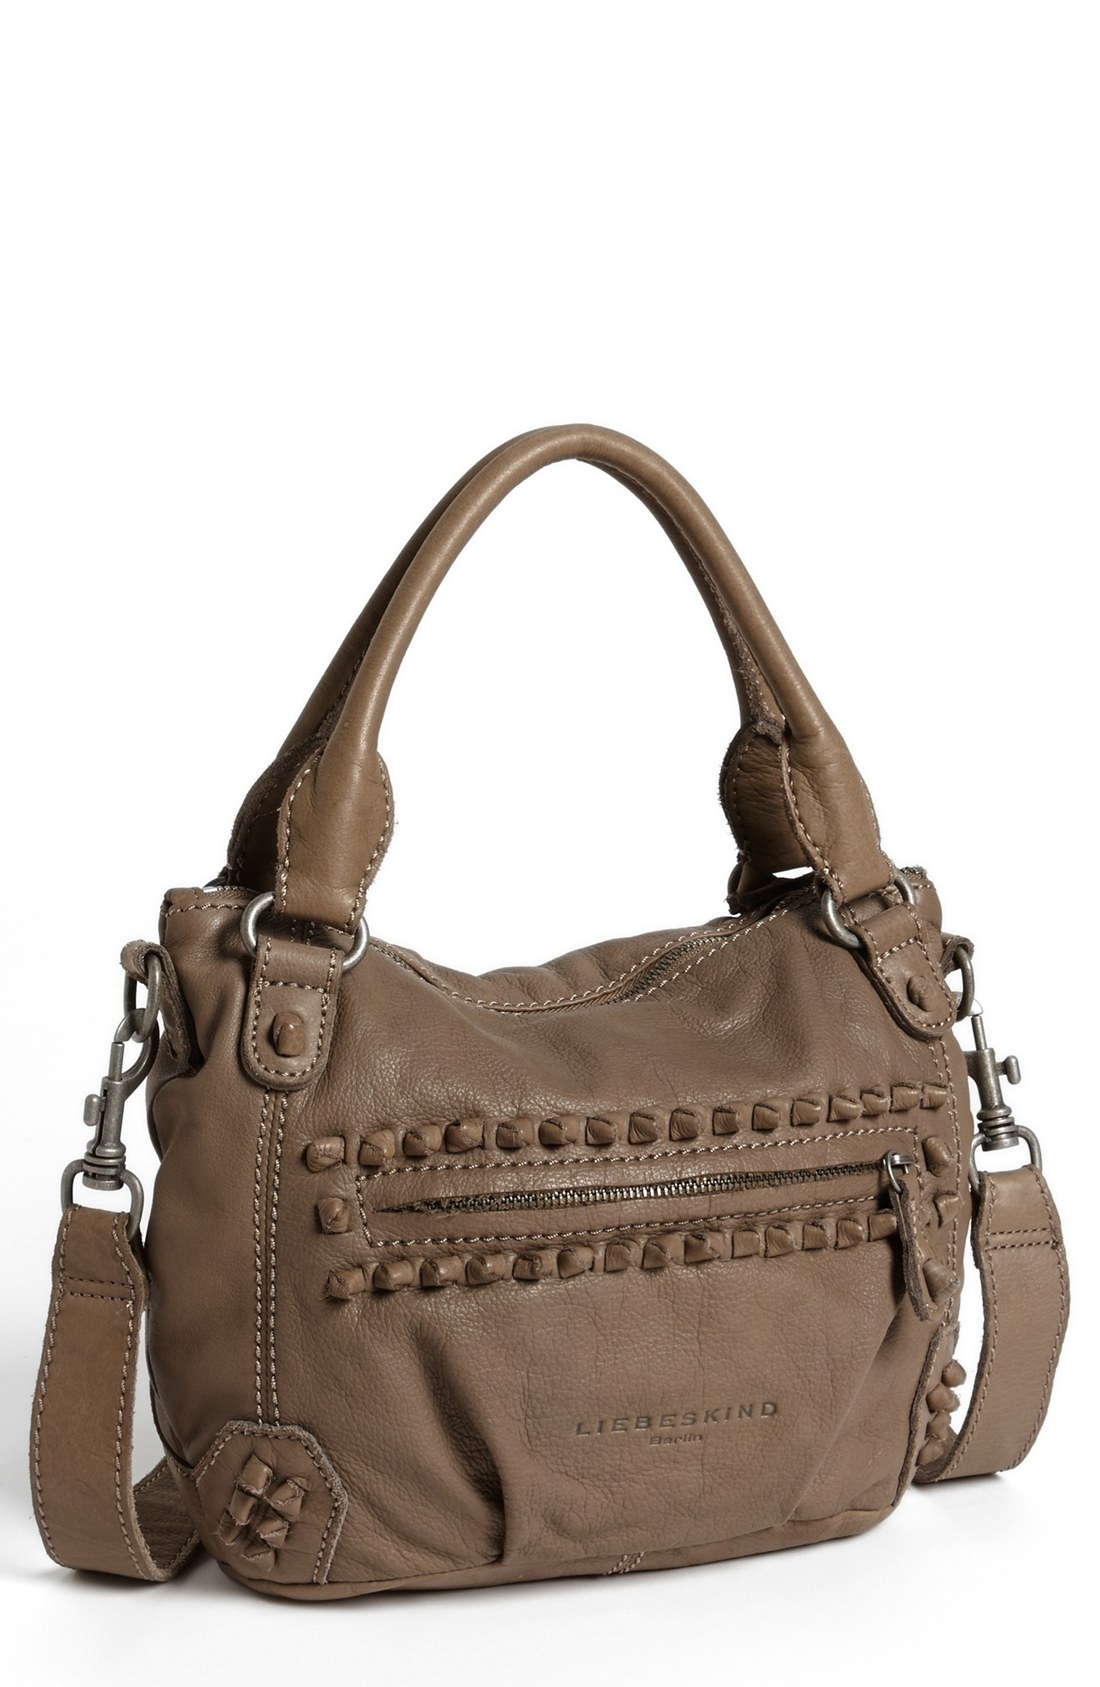 liebeskind vintage knot gina leather satchel in brown new. Black Bedroom Furniture Sets. Home Design Ideas